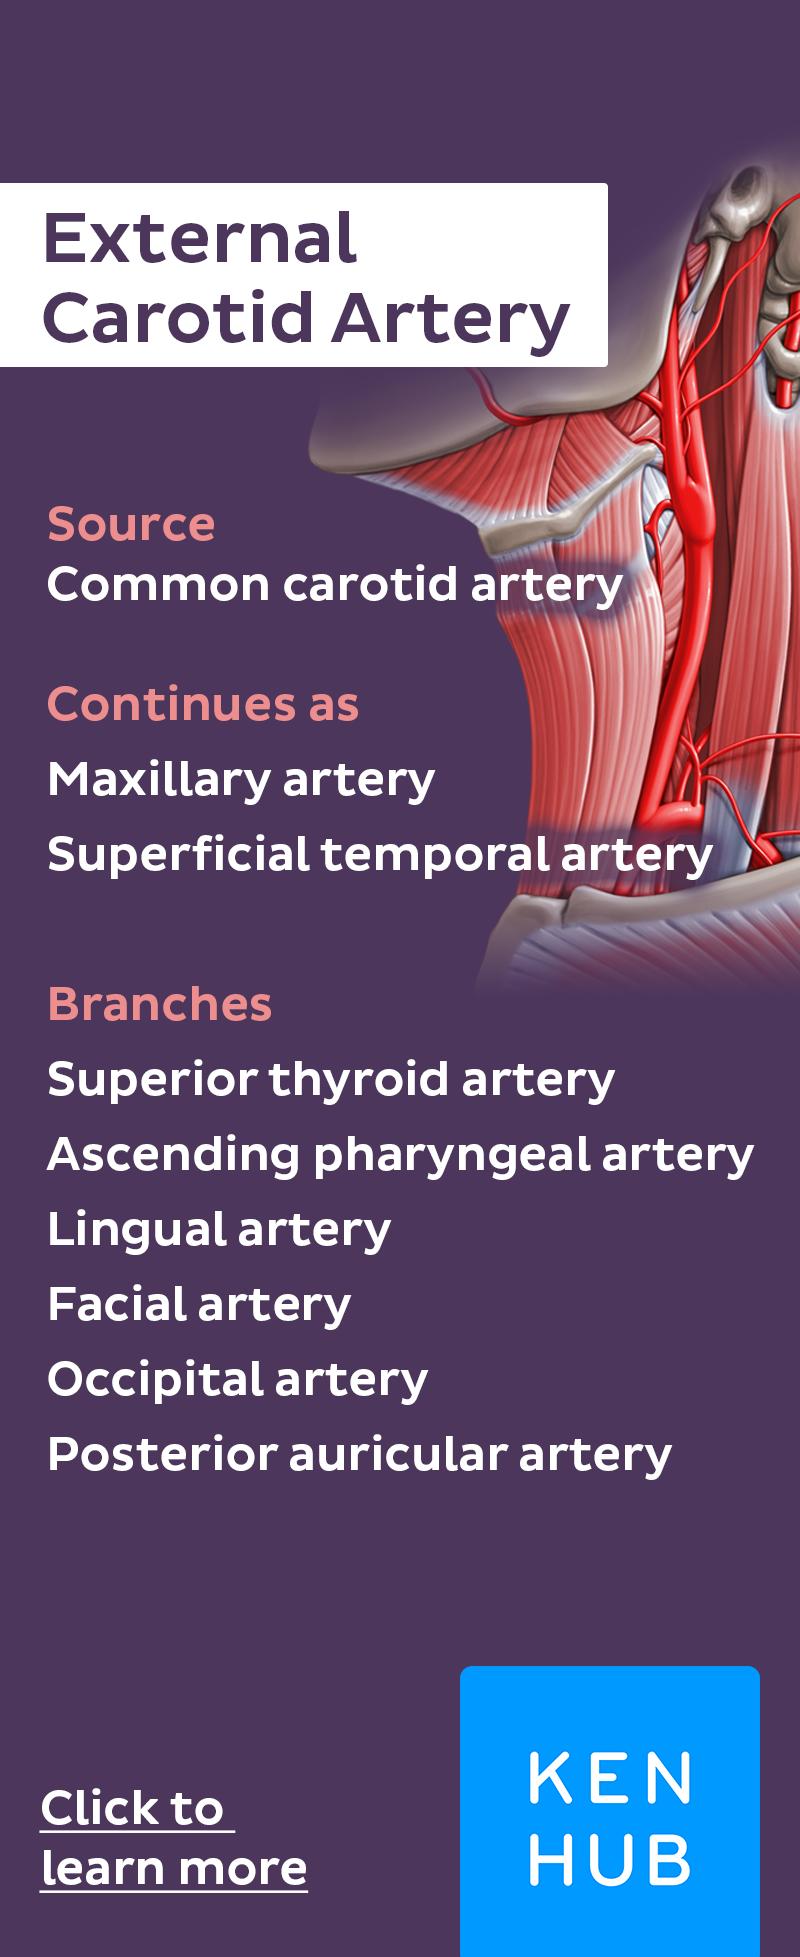 External Carotid Artery and its Branches | Pinterest | Arterien